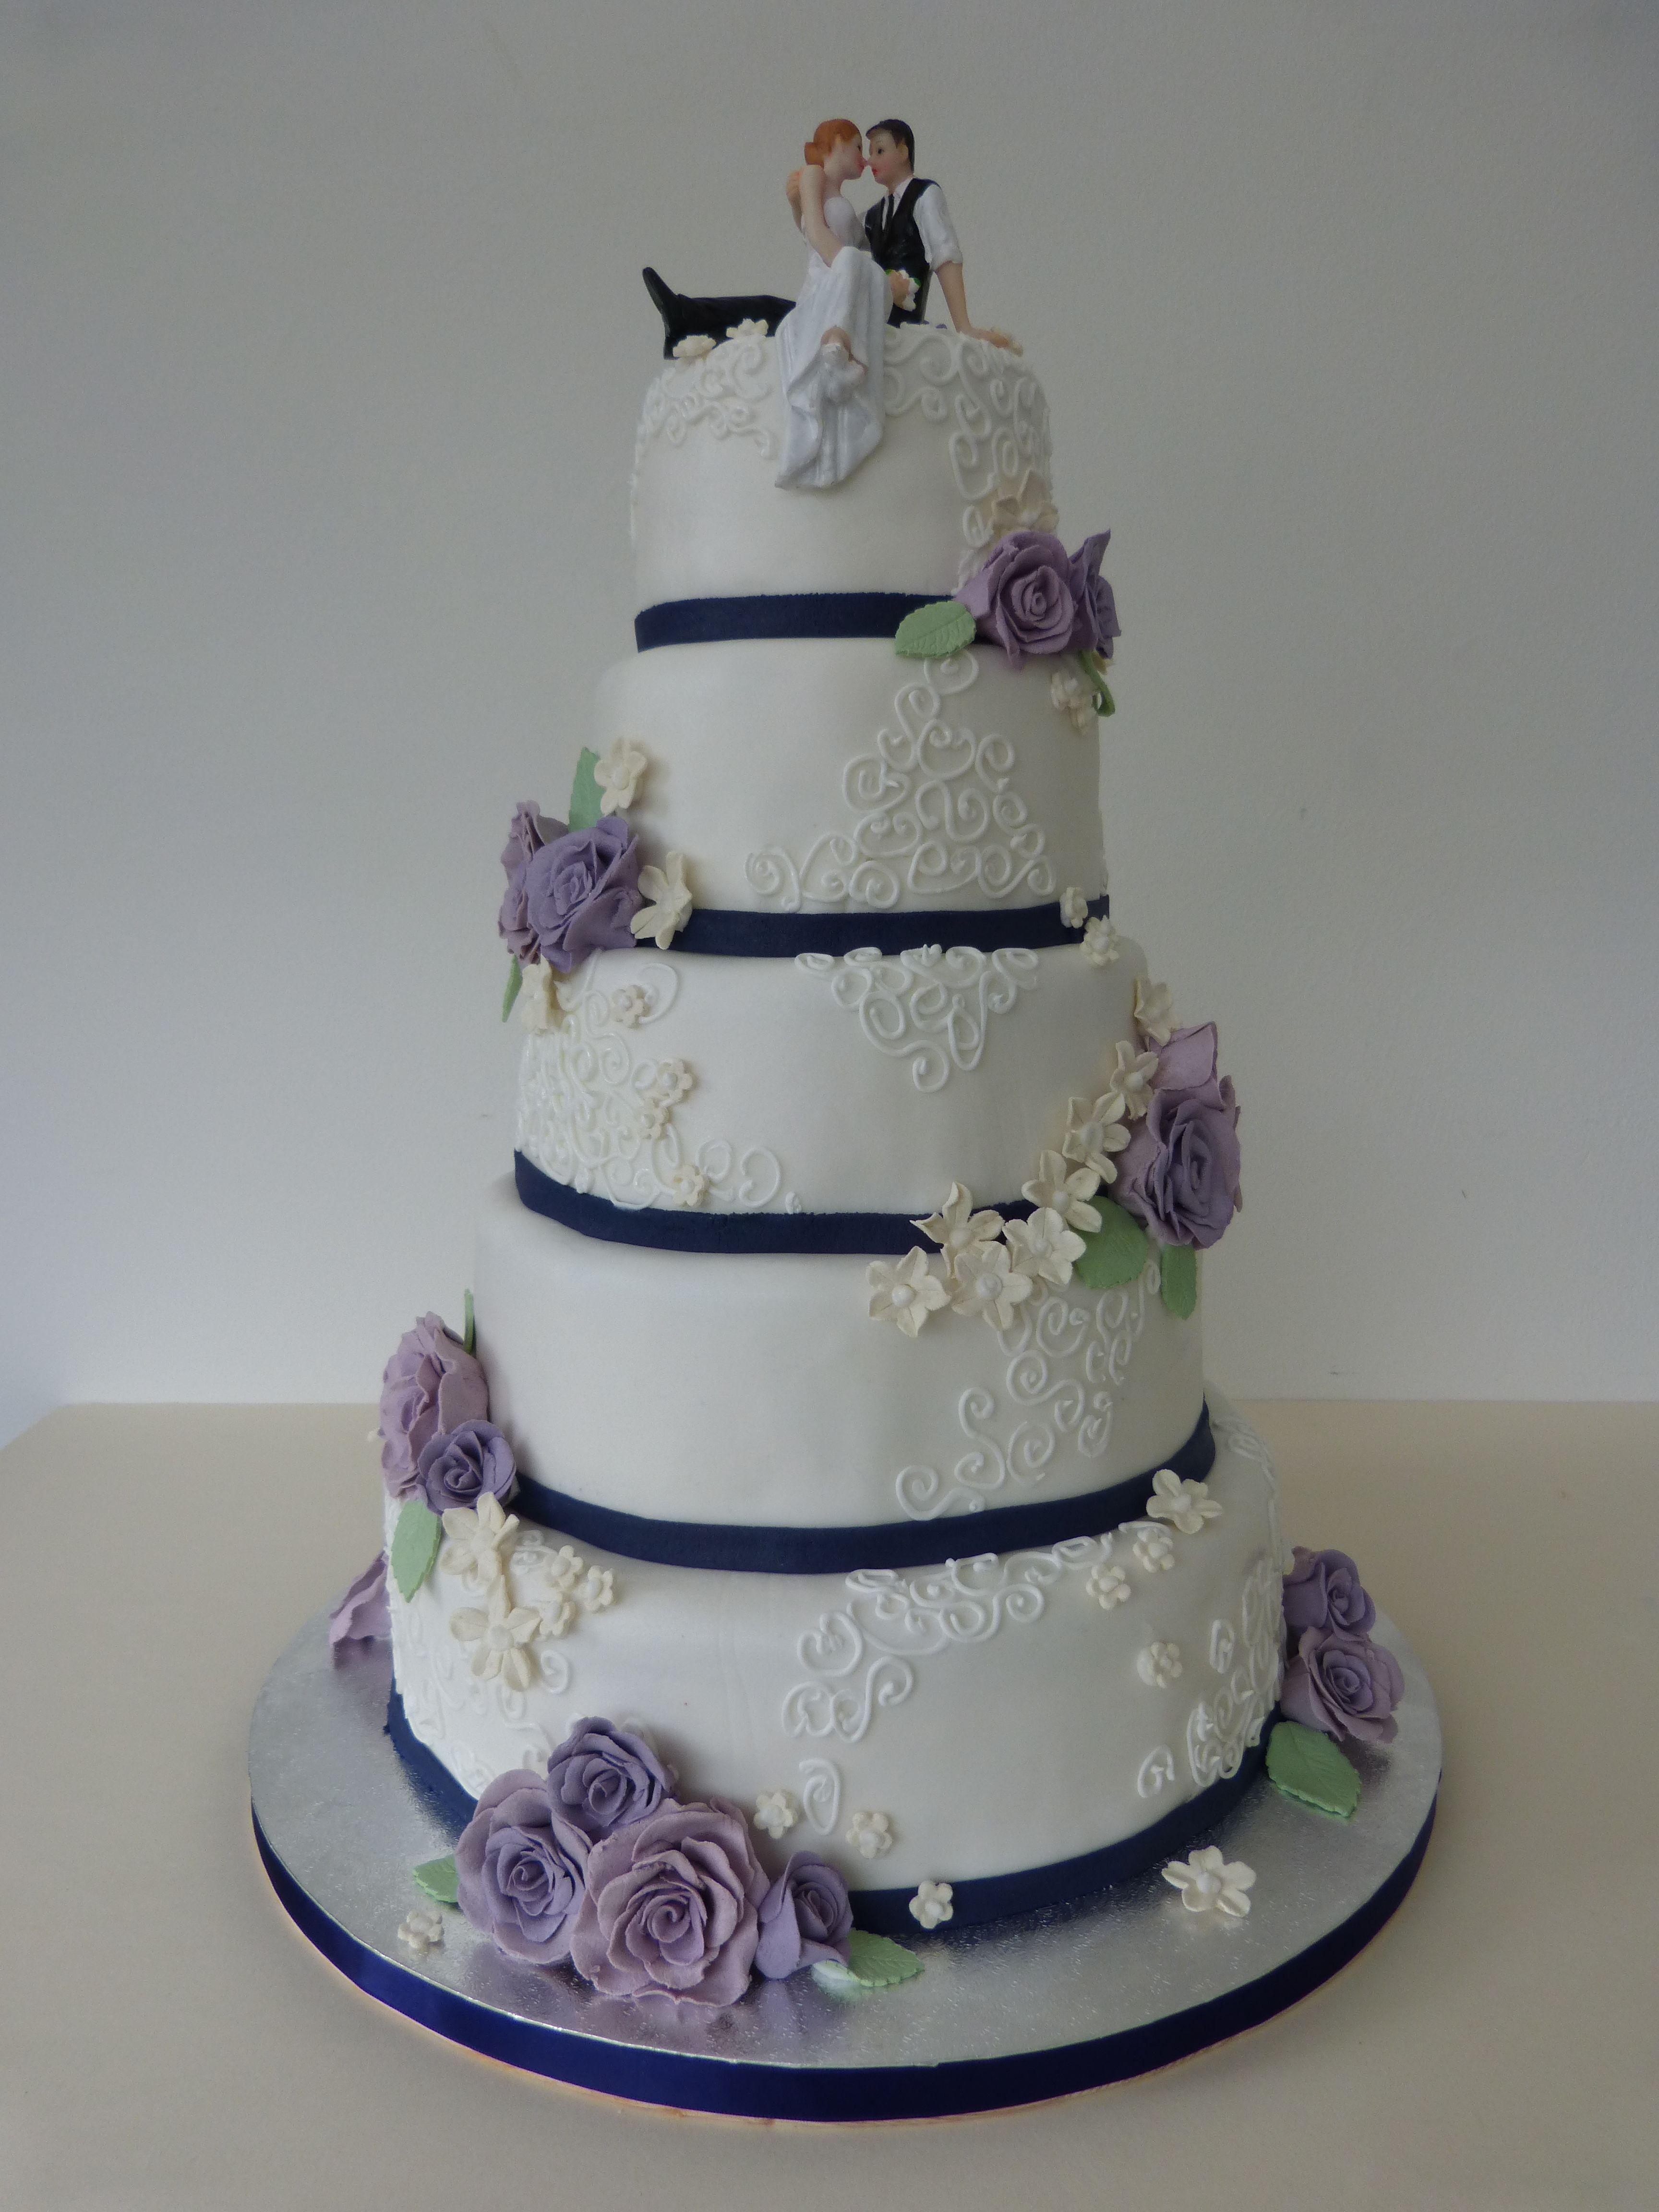 Wedding Cake Hochzeitstorte Cake Cube Niedermennig Konz Trier